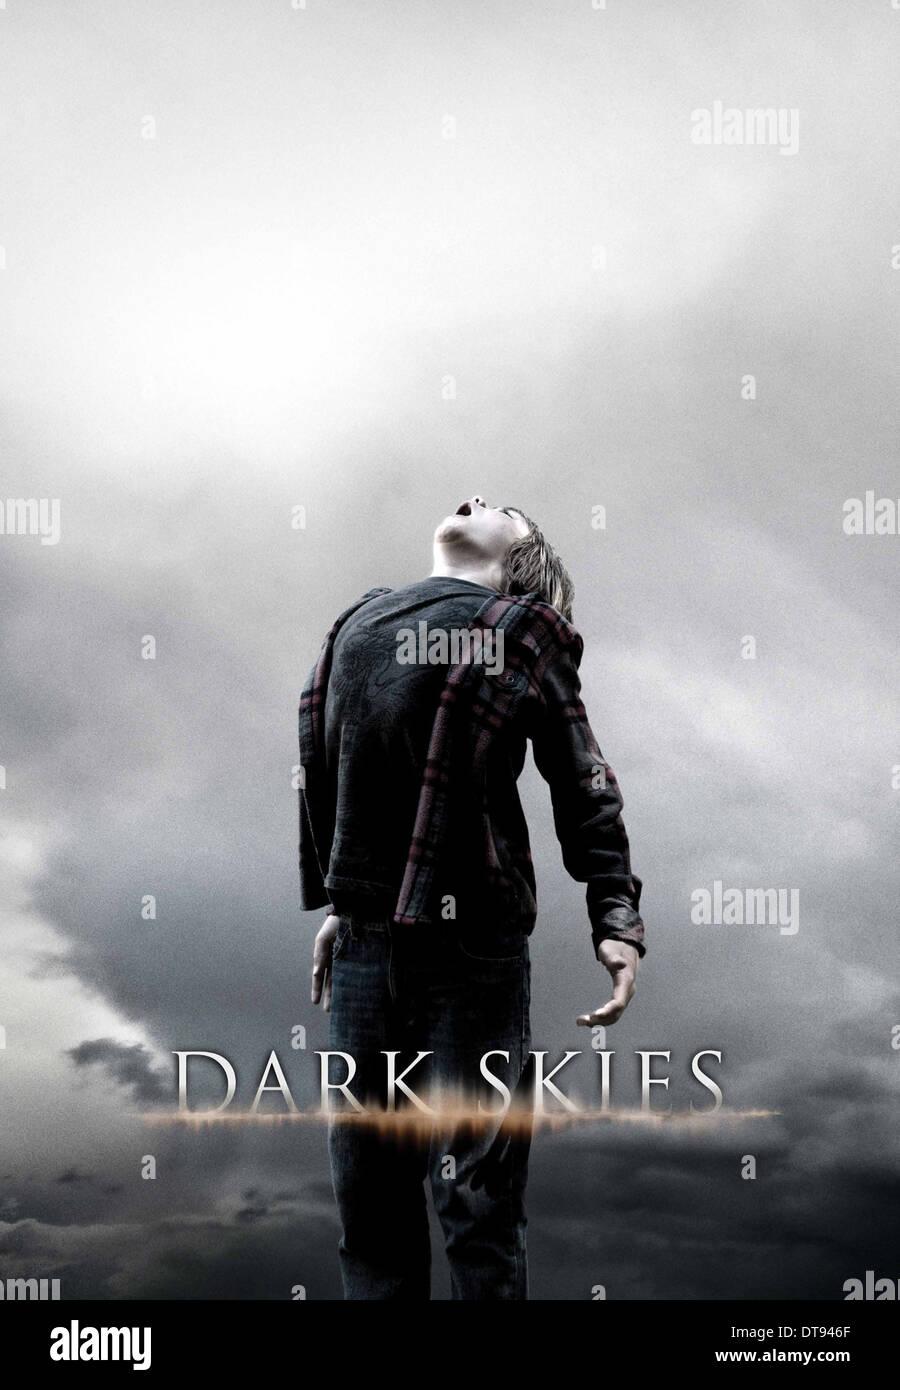 MOVIE POSTER DARK SKIES (2013) - Stock Image